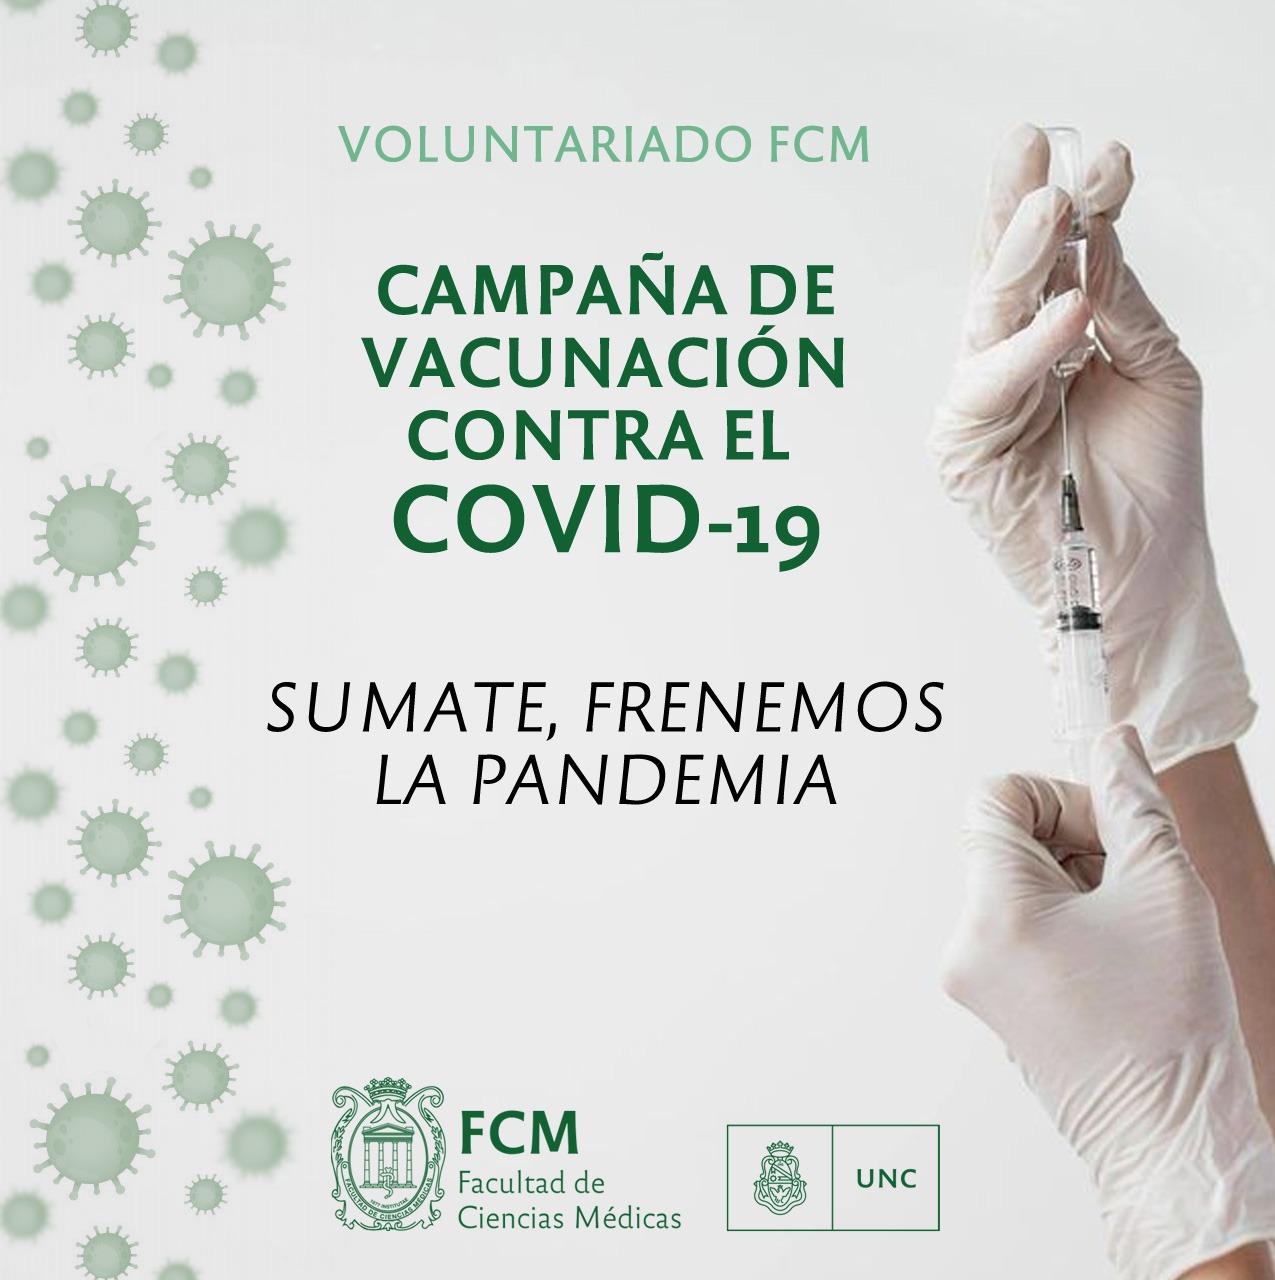 La FCM convoca a voluntarios para participar de la importante tarea de vacunar a la población contra el Covid-19